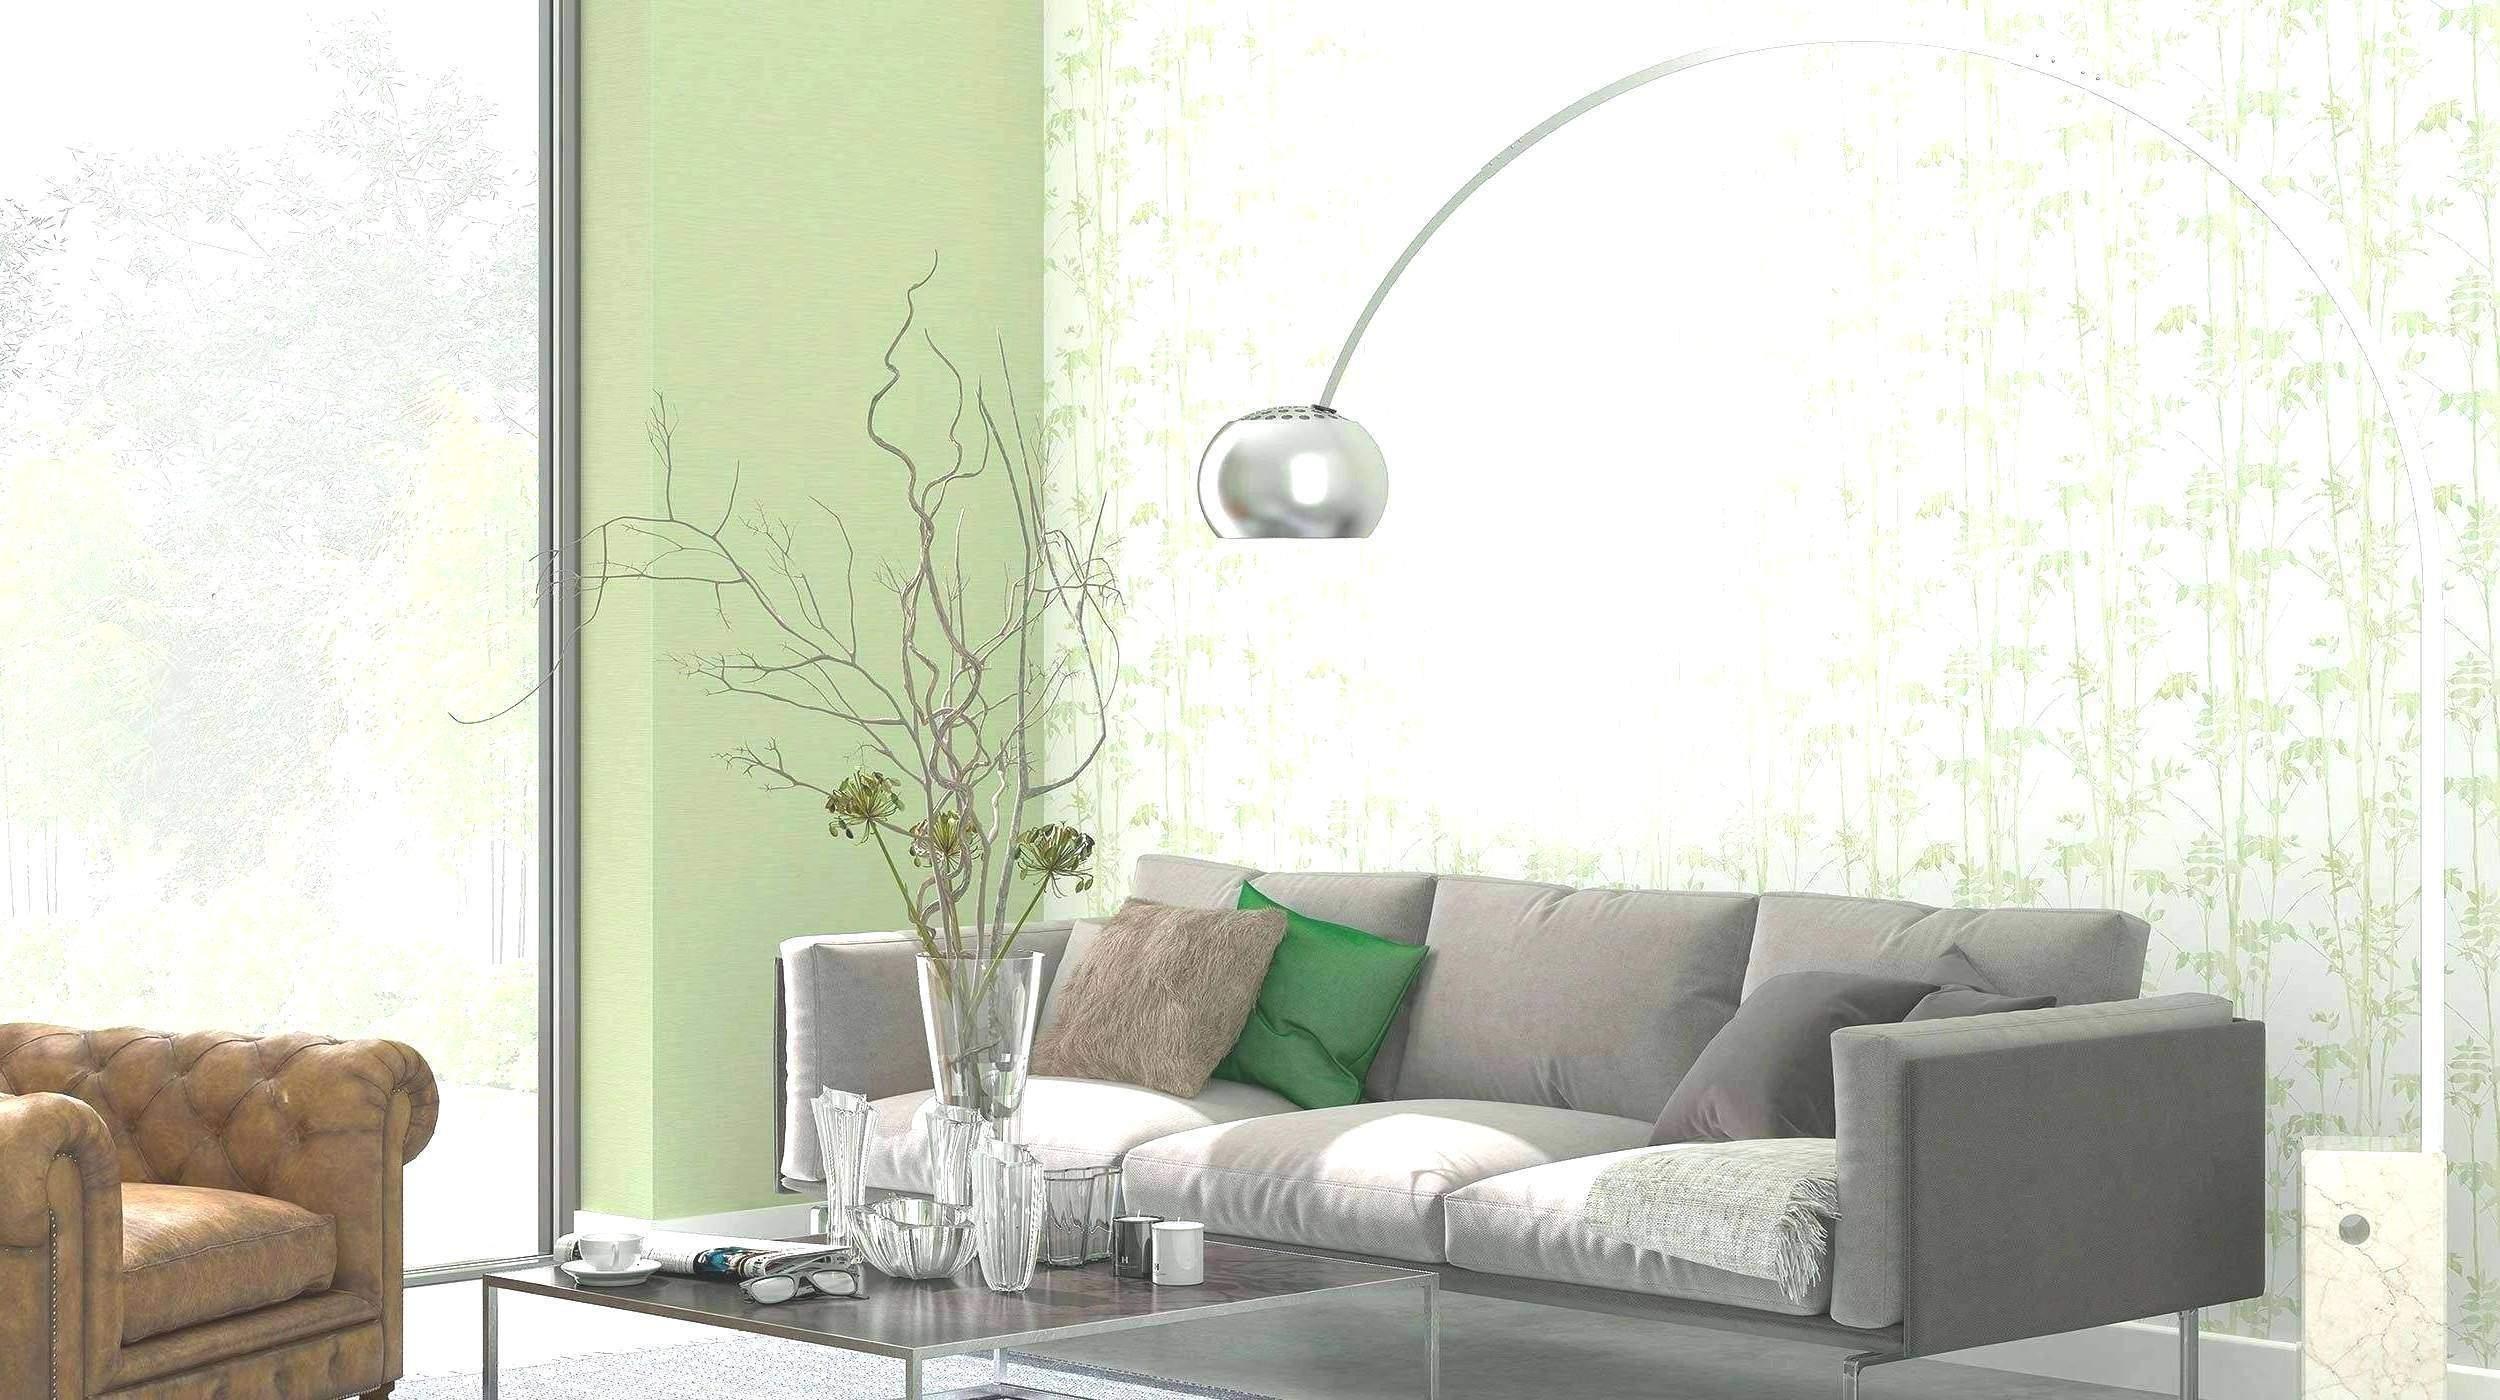 Full Size of Vliestapete Wohnzimmer Deckenlampen Modern Bilder Xxl Vorhänge Stehlampen Led Deckenleuchte Beleuchtung Deckenlampe Für Decke Gardinen Stehleuchte Wohnzimmer Vliestapete Wohnzimmer